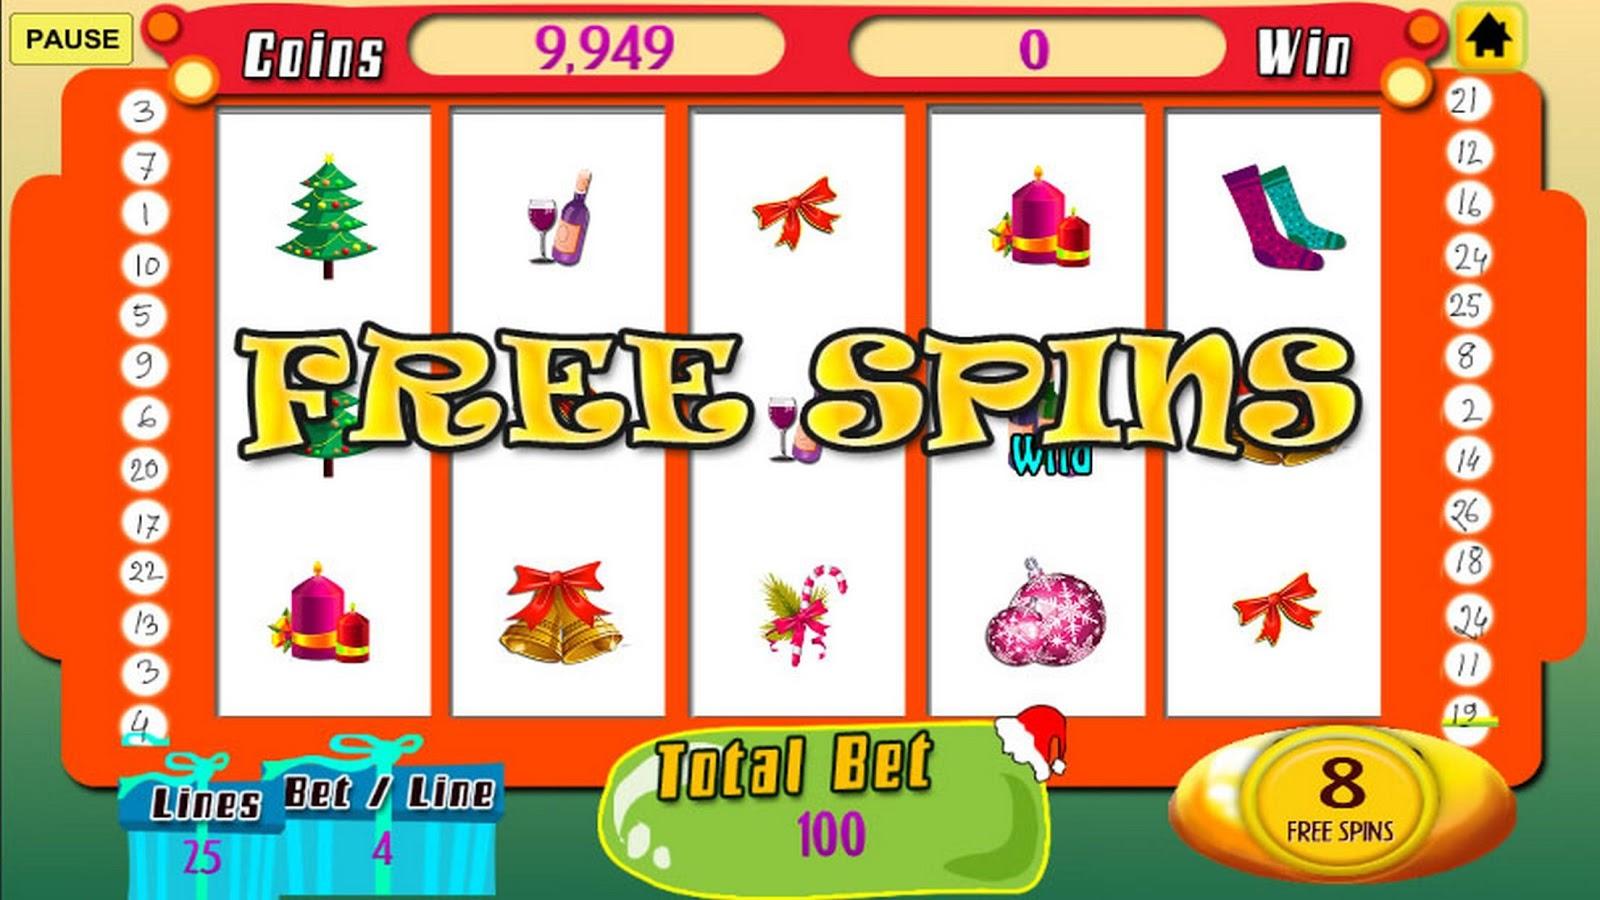 Симулятор игровых автоматов на андроид